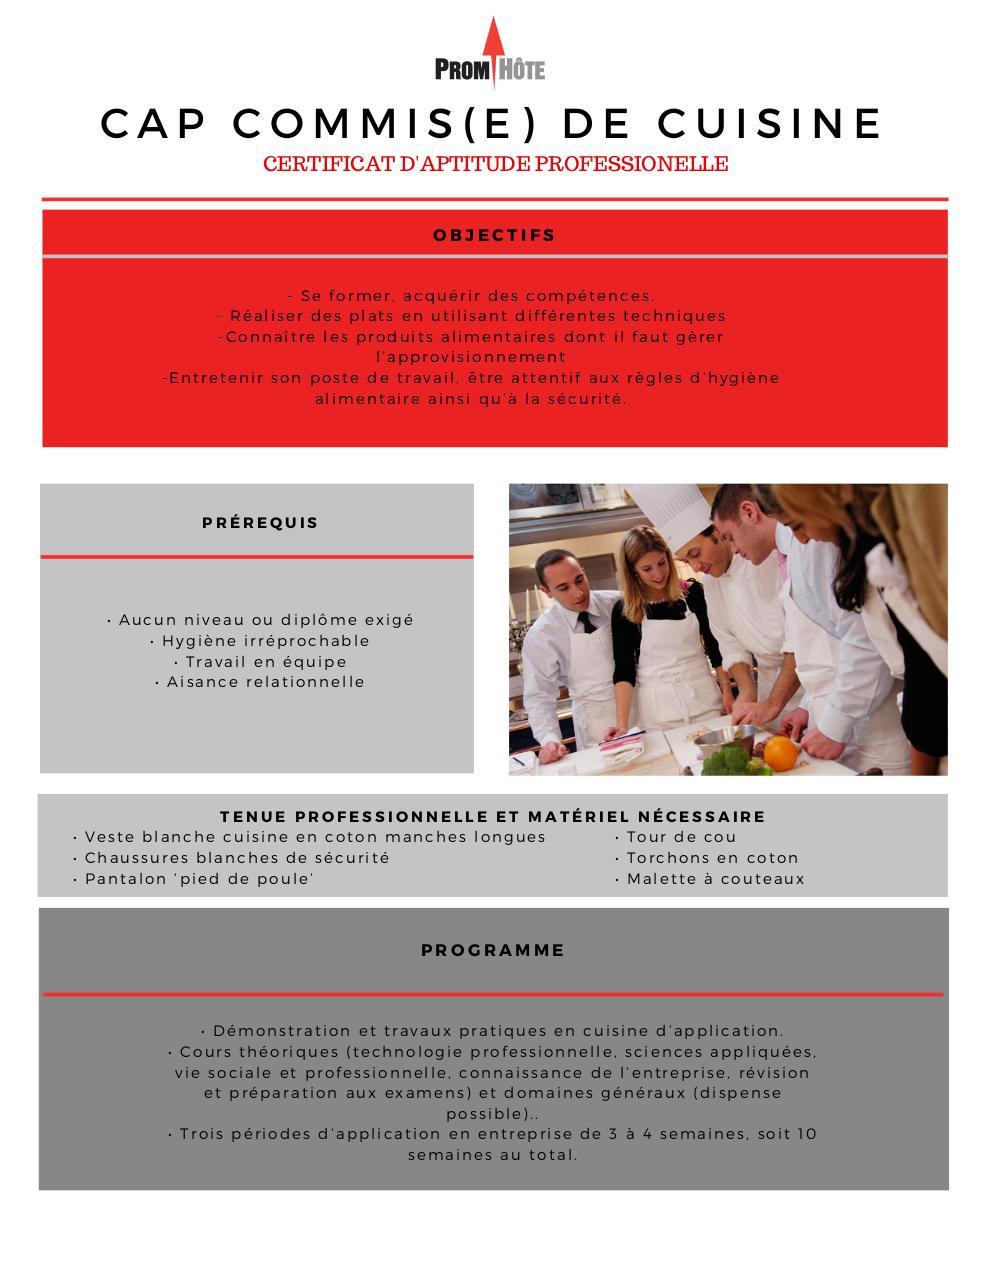 Cap Commis E De Cuisine Par Celia Perret Cuisine Cap Pdf